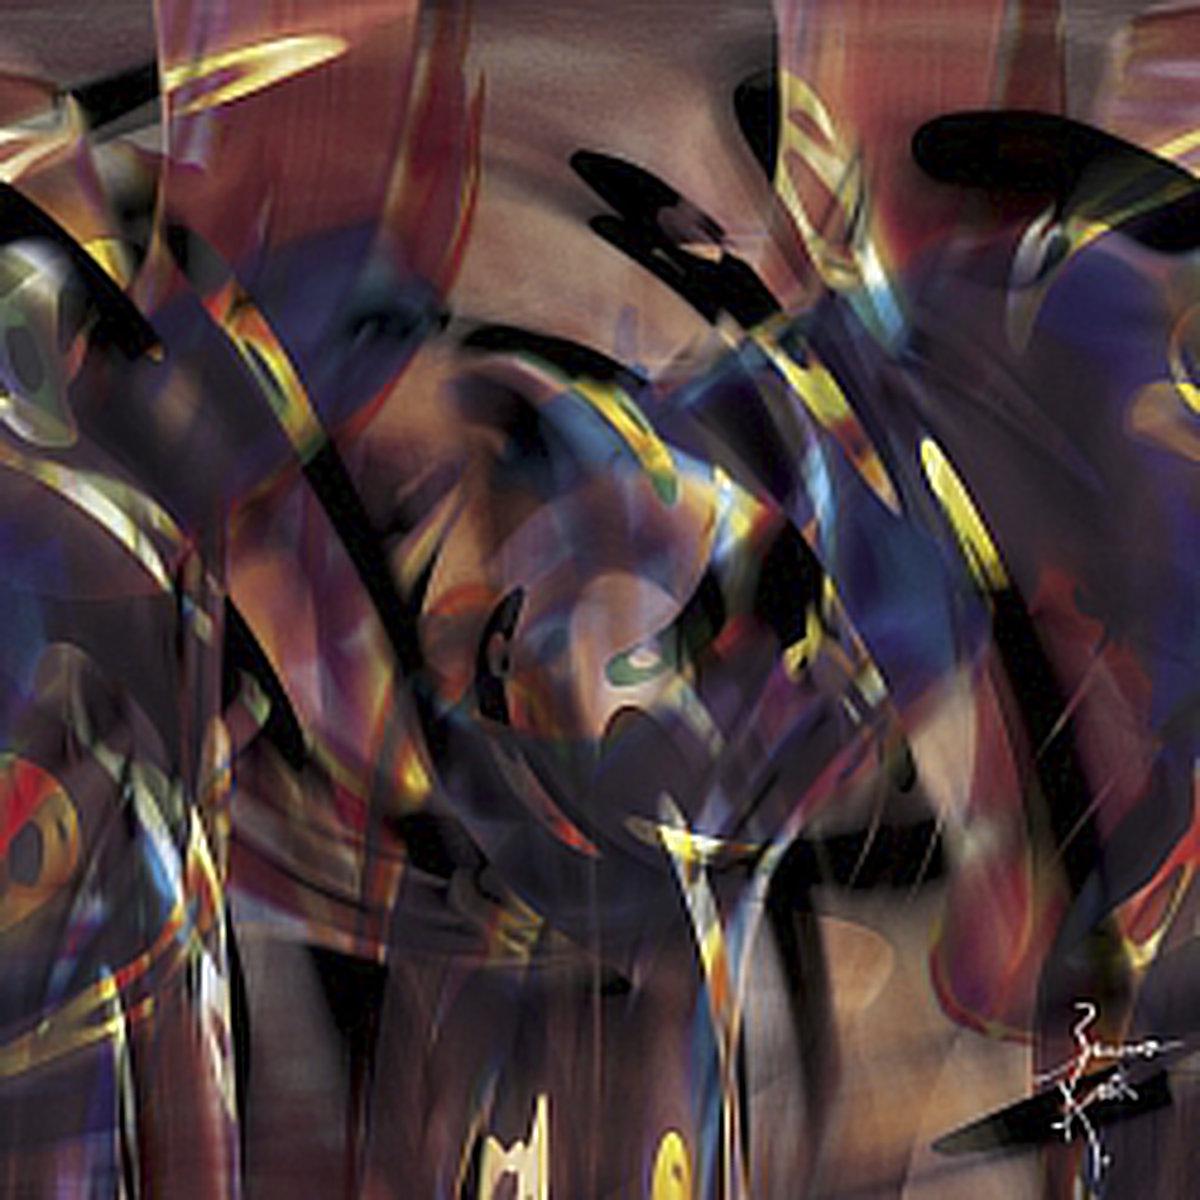 Peinture numérique Énergie noire. Série Chronoschromaties.